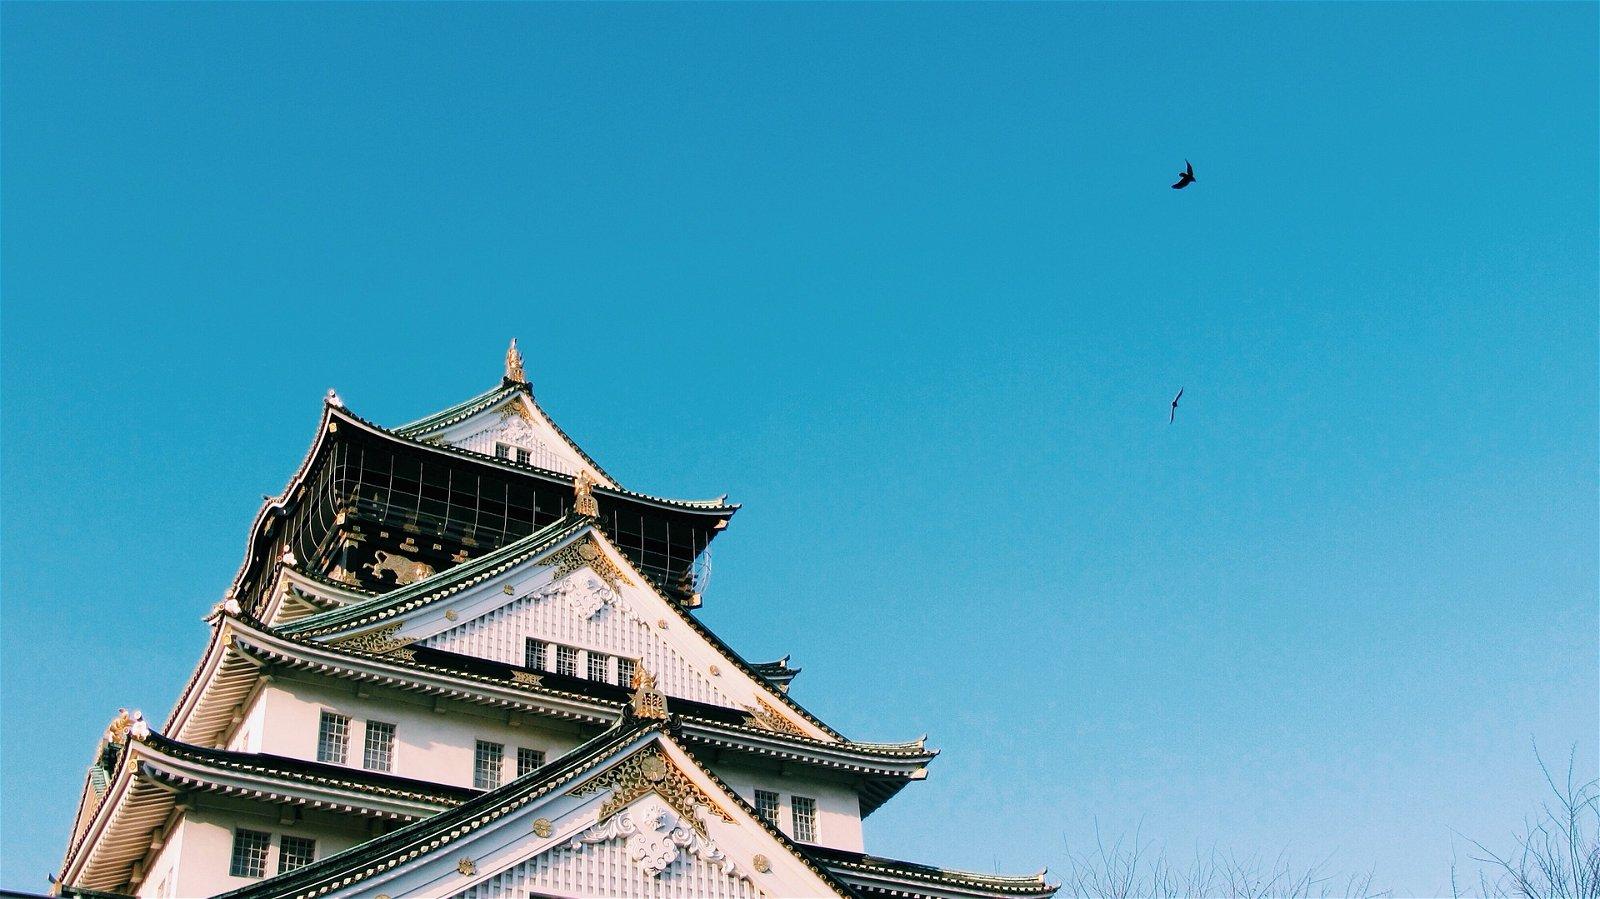 ทัวร์ญี่ปุ่น เที่ยวญี่ปุ่น โอซาก้า เกียวโต ปราสาทฮิเมจิ ปราสาทโอซาก้า 4วัน 3คืน บินสายการบินไทยไลอ้อนแอร์ (SL)